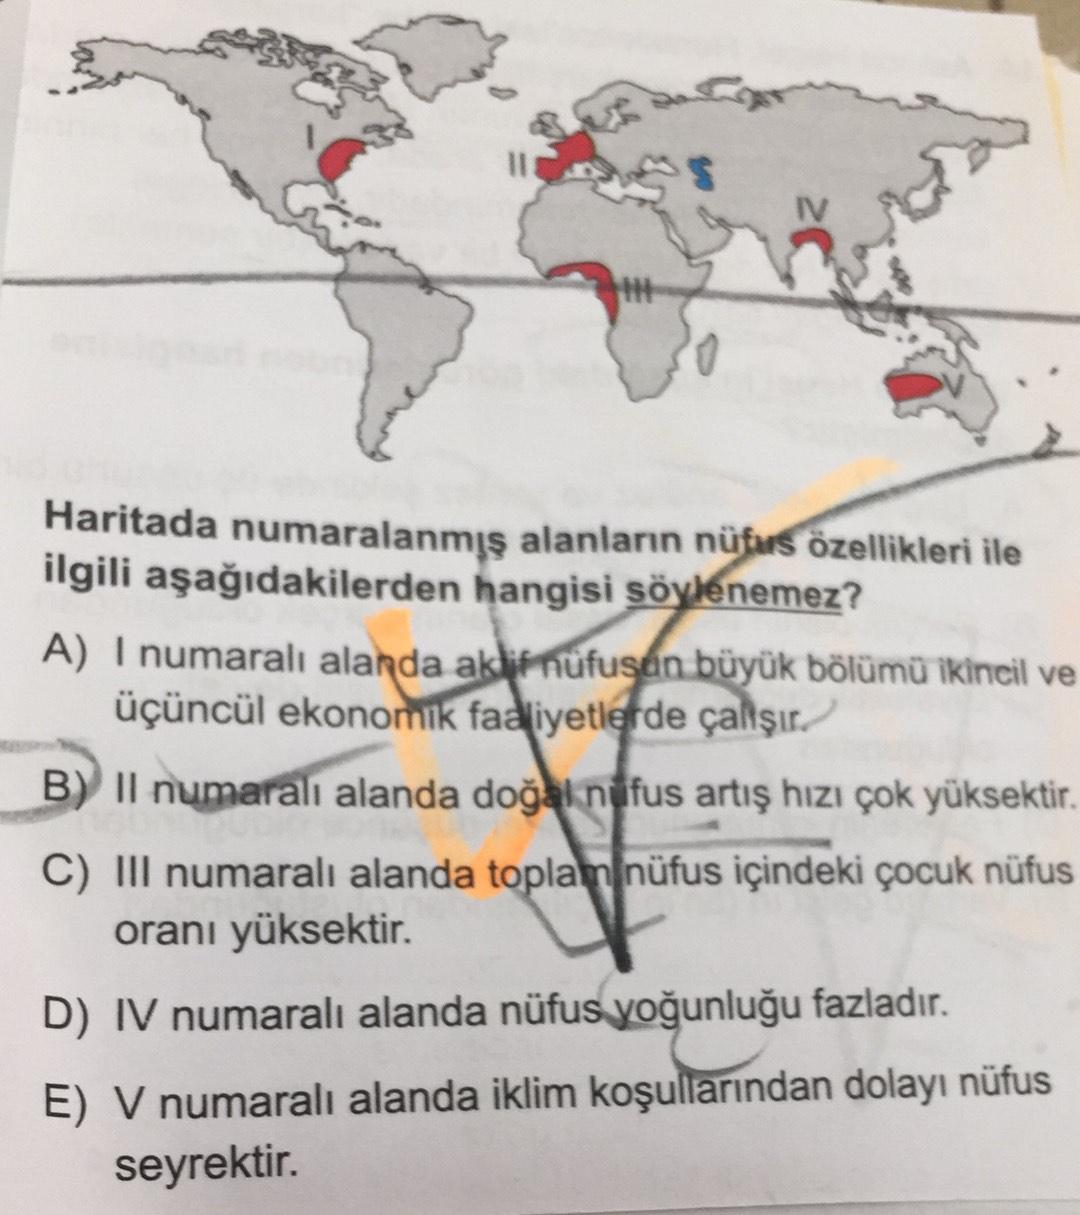 0 Haritada numaralanmış alanların nüfus özellikleri ile ilgili aşağıdakilerden hangisi söylenemez? A) I numaralı alanda akli nufusan büyük bölümü ikincil ve üçüncül ekonomik faaliyetlerde çalışır. B) Il numaralı alanda doğal nüfus artış hızı çok yüksektir.